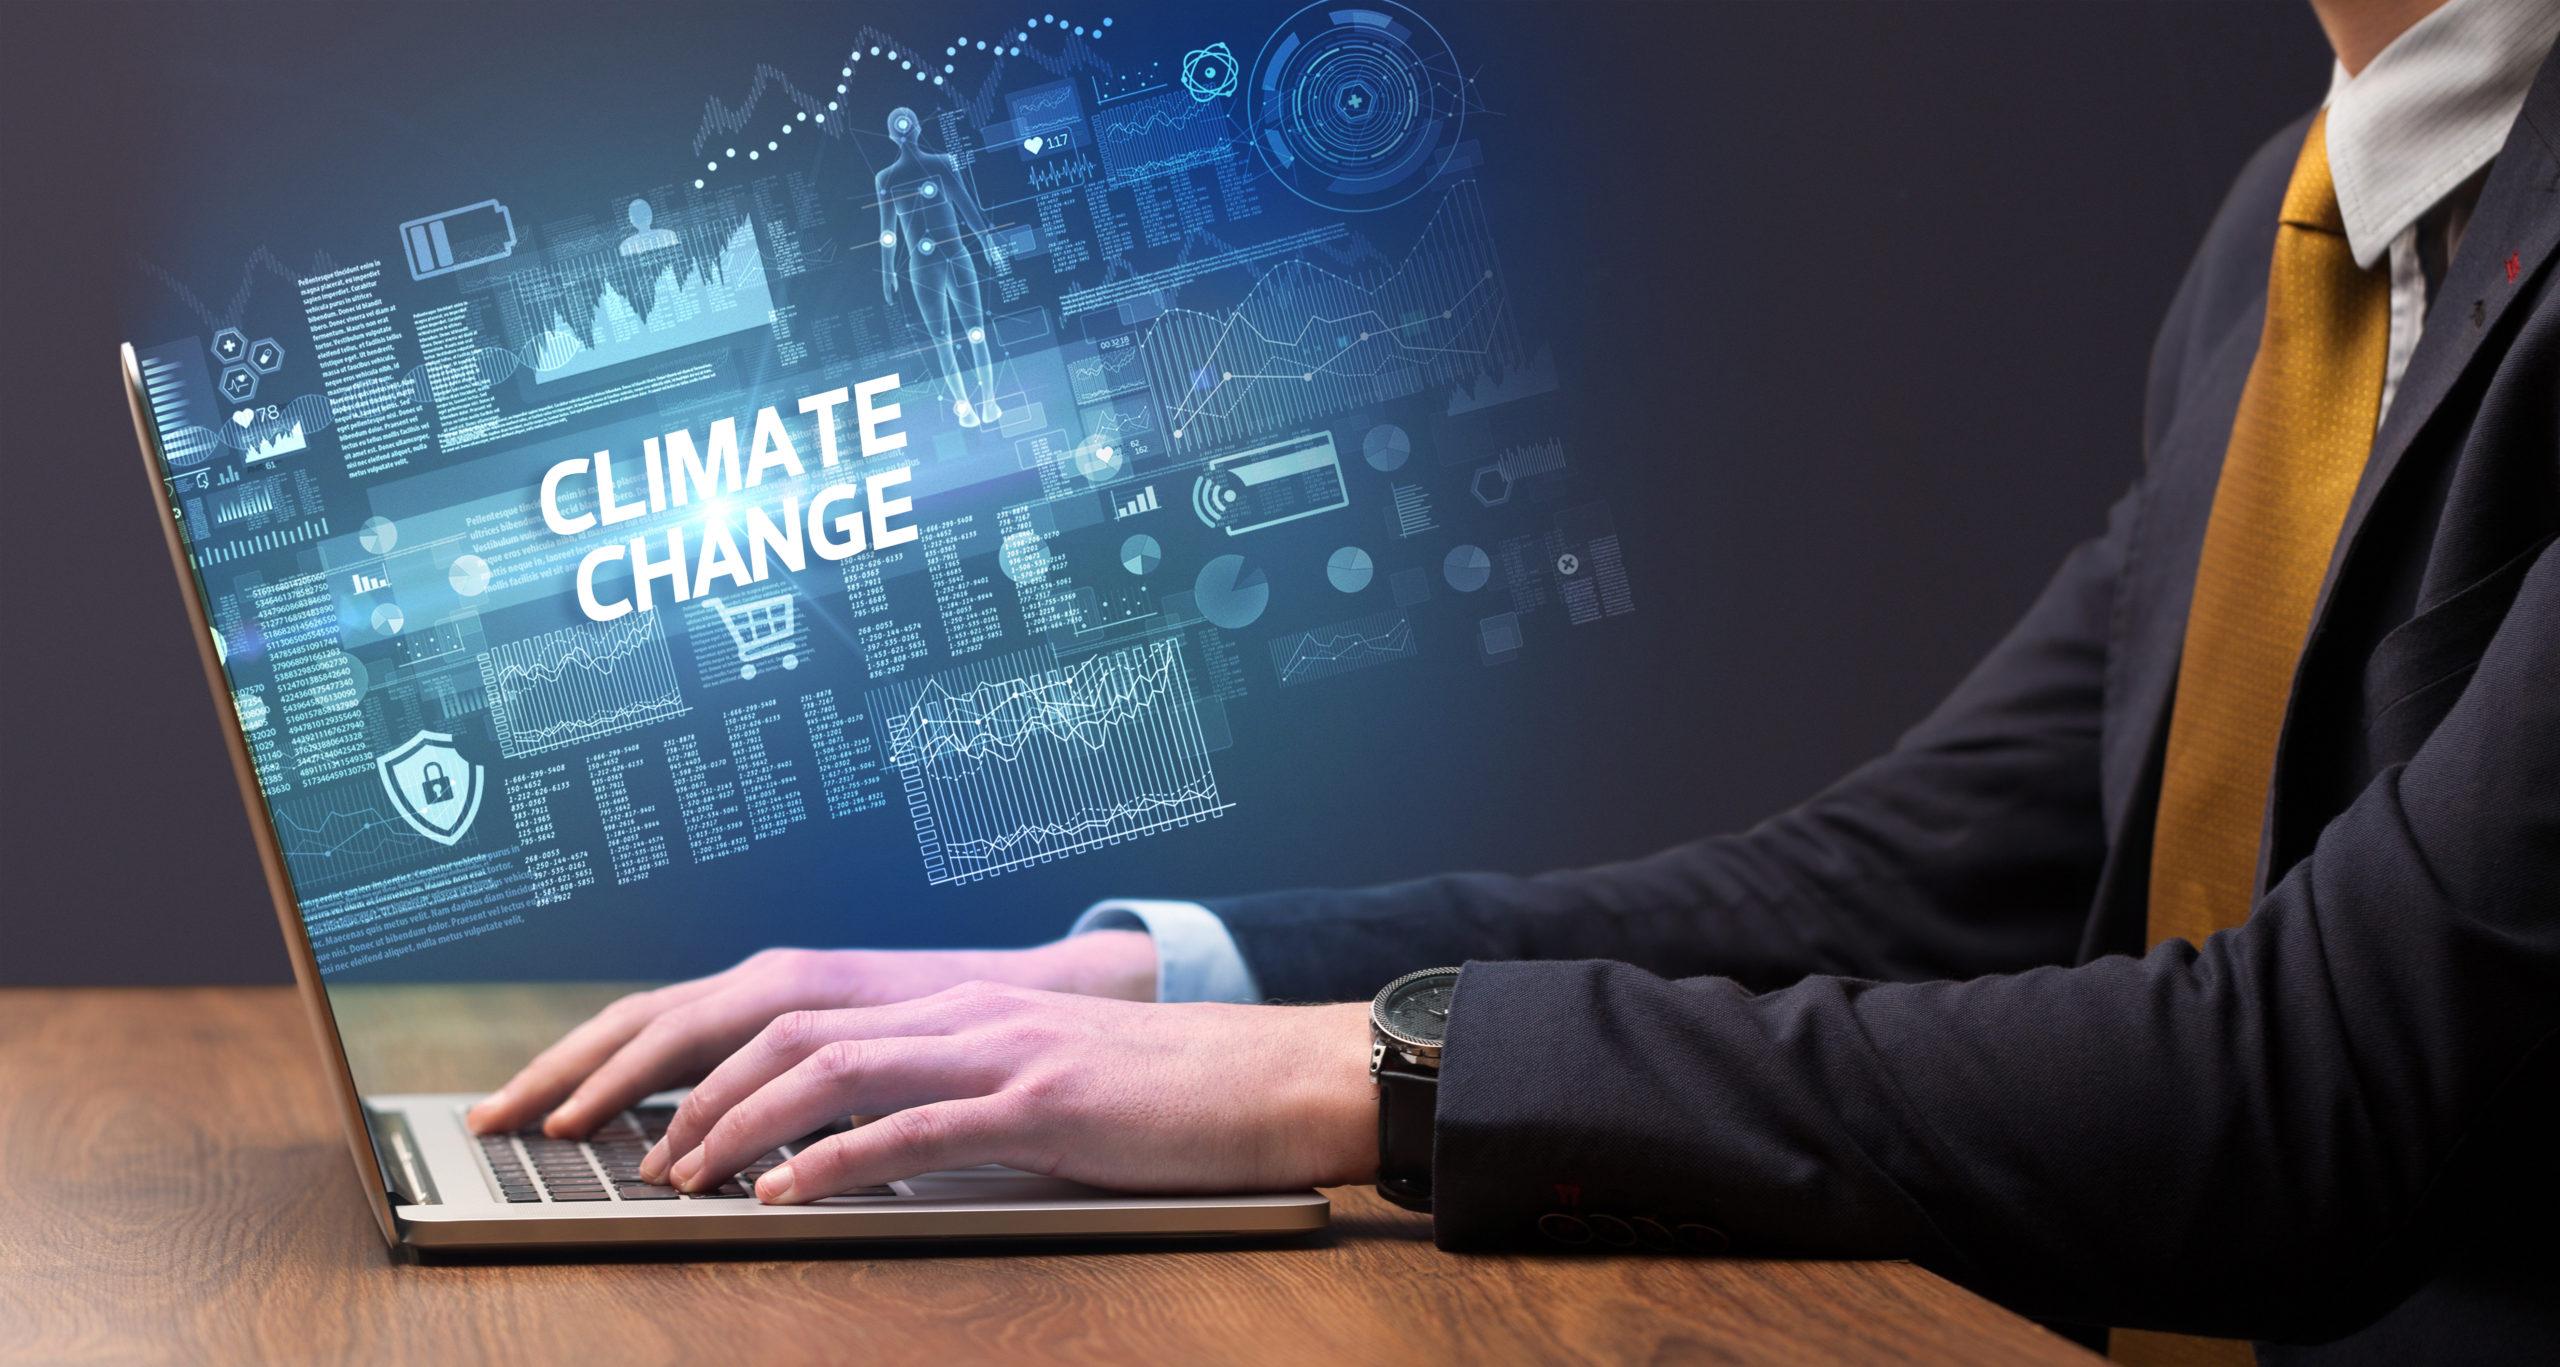 Declarație de poziție a IFAC referitoare la raportarea corporativă: informații privind schimbările climatice și ciclul de raportare 2021